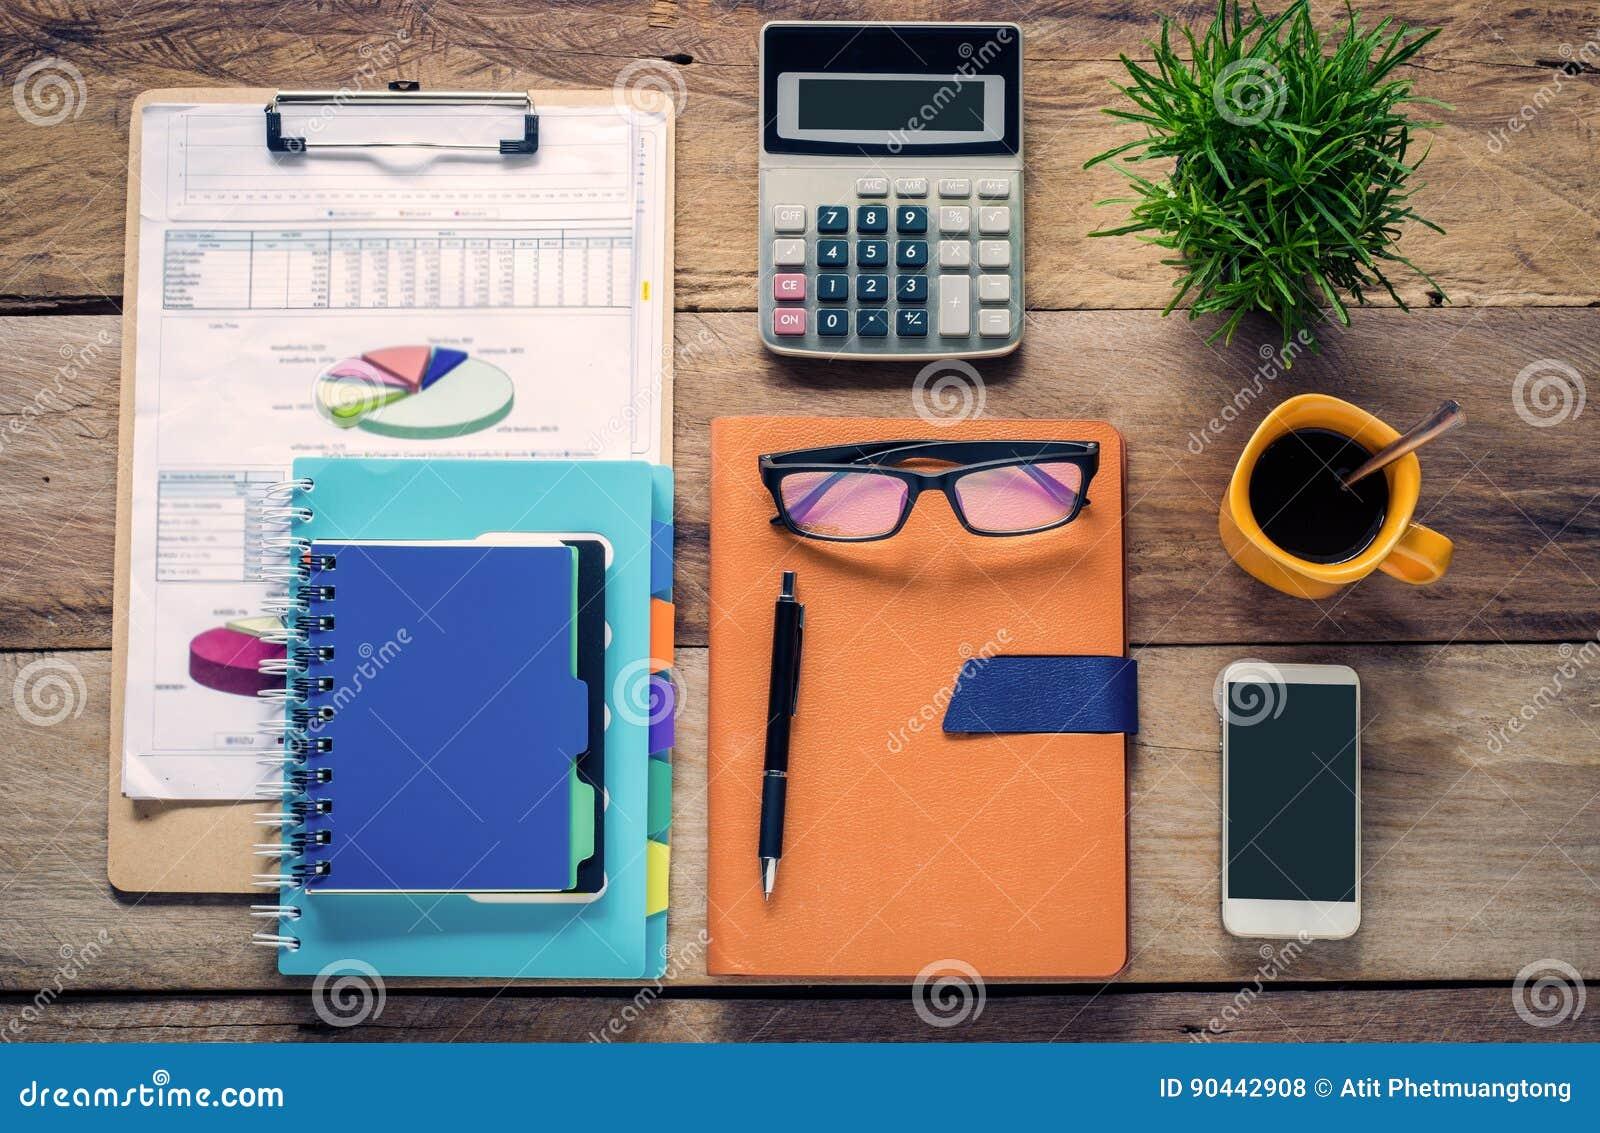 Het grafisch voorstellen, calculators, notitieboekjes, pennen, koffiekop en oogglazen op de houten vloer